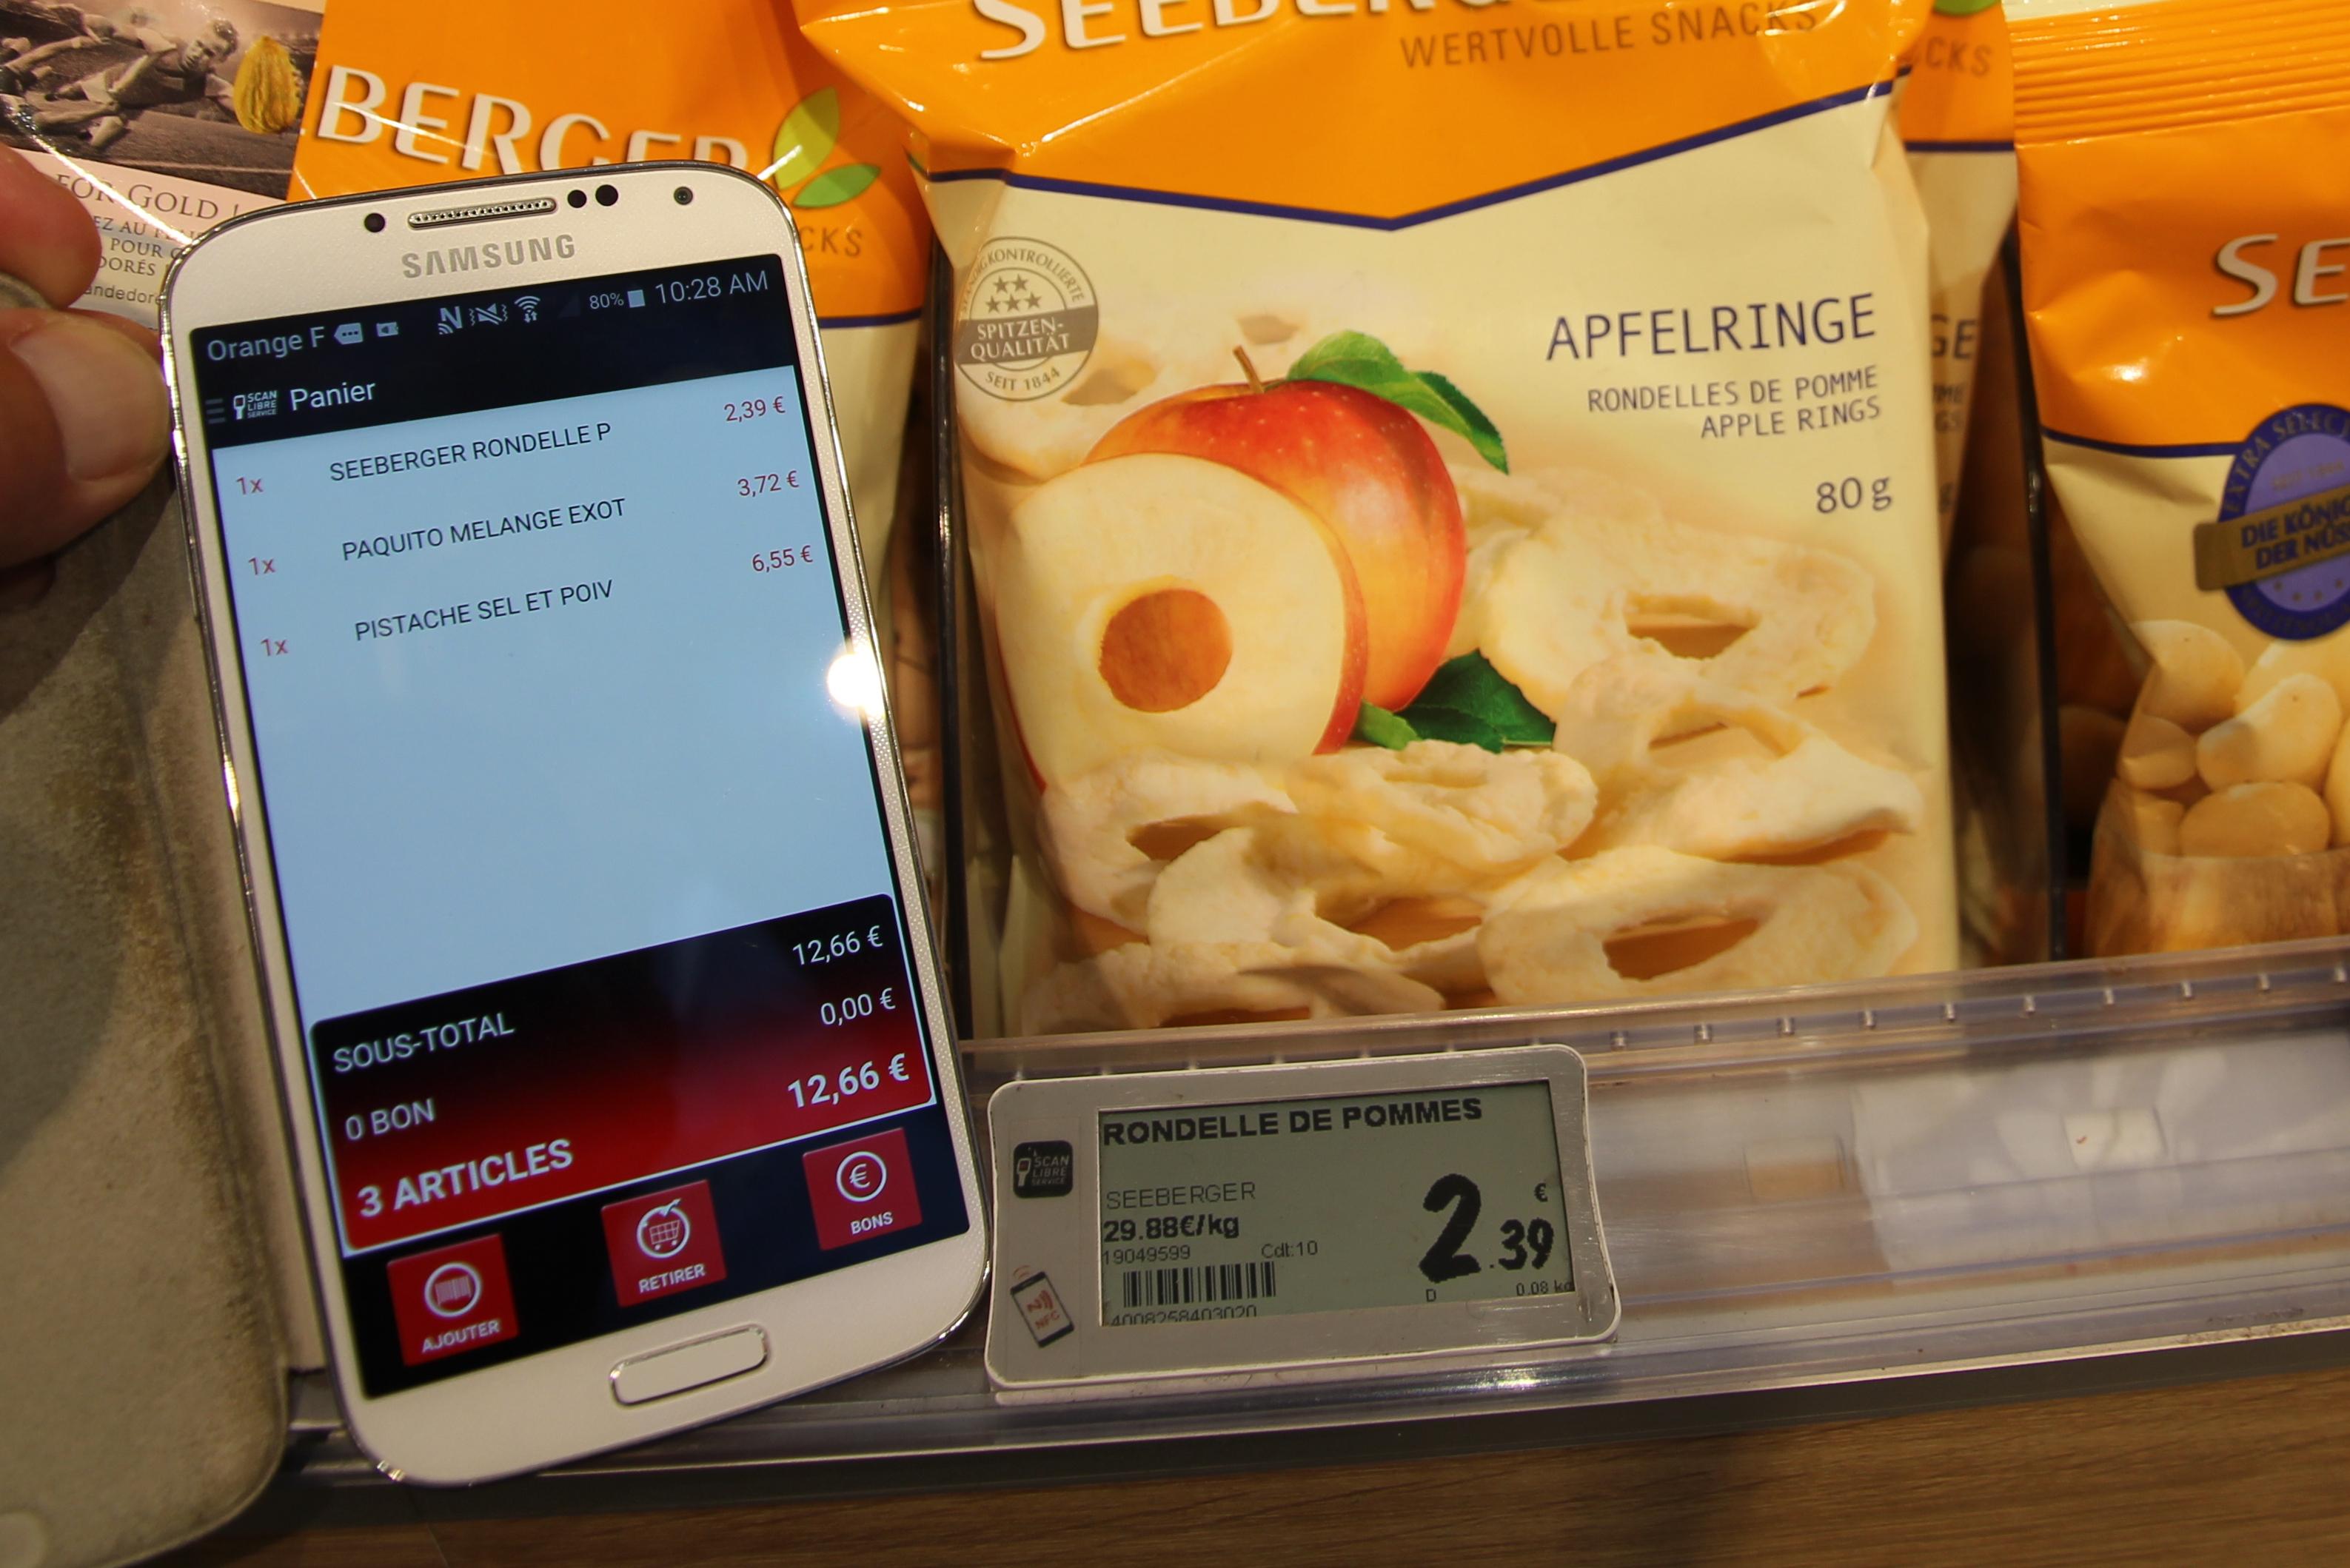 2015 SES Store Tours - Application E-commerce sur smartphone (crédits: Pierre Metivier / Flickr Creative Commons Attribution - Pas d'Utilisation Commerciale 2.0 Générique (CC BY-NC 2.0))